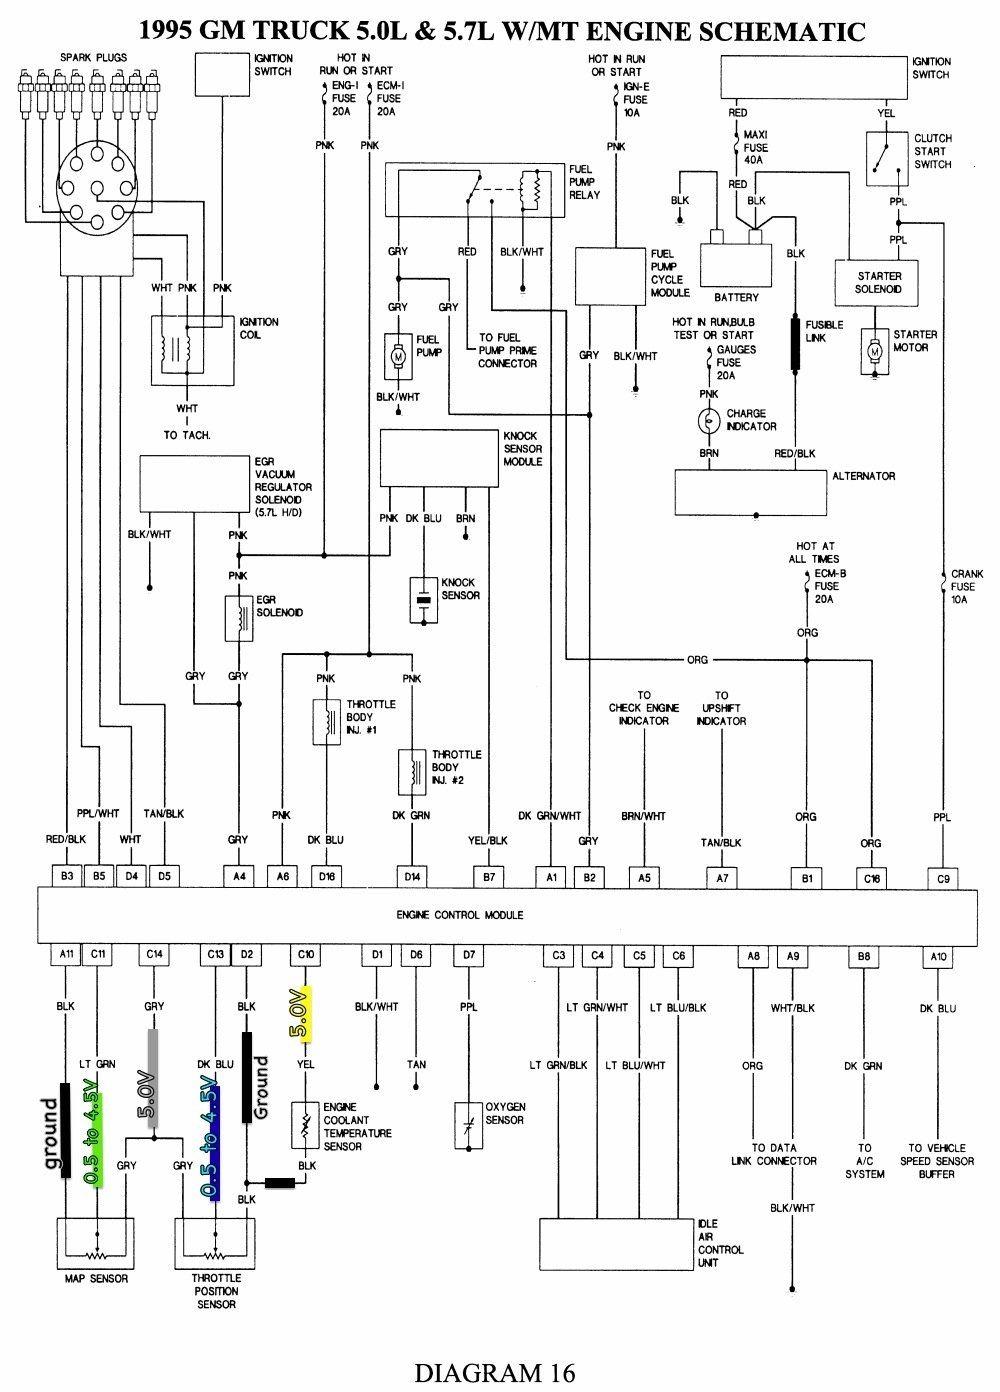 gm wiring diagrams for dummies ns 2104  gmc sierra throttle position wiring free diagram  gmc sierra throttle position wiring